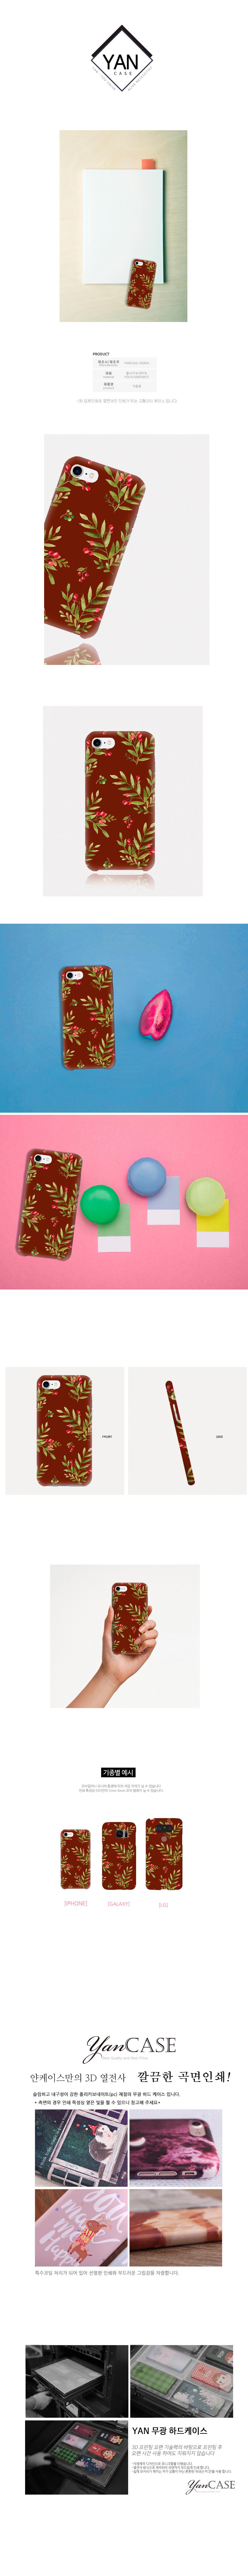 갤럭시노트8 빨간열매 하드케이스 N950 - 얀케이스2, 13,500원, 케이스, 갤럭시노트8